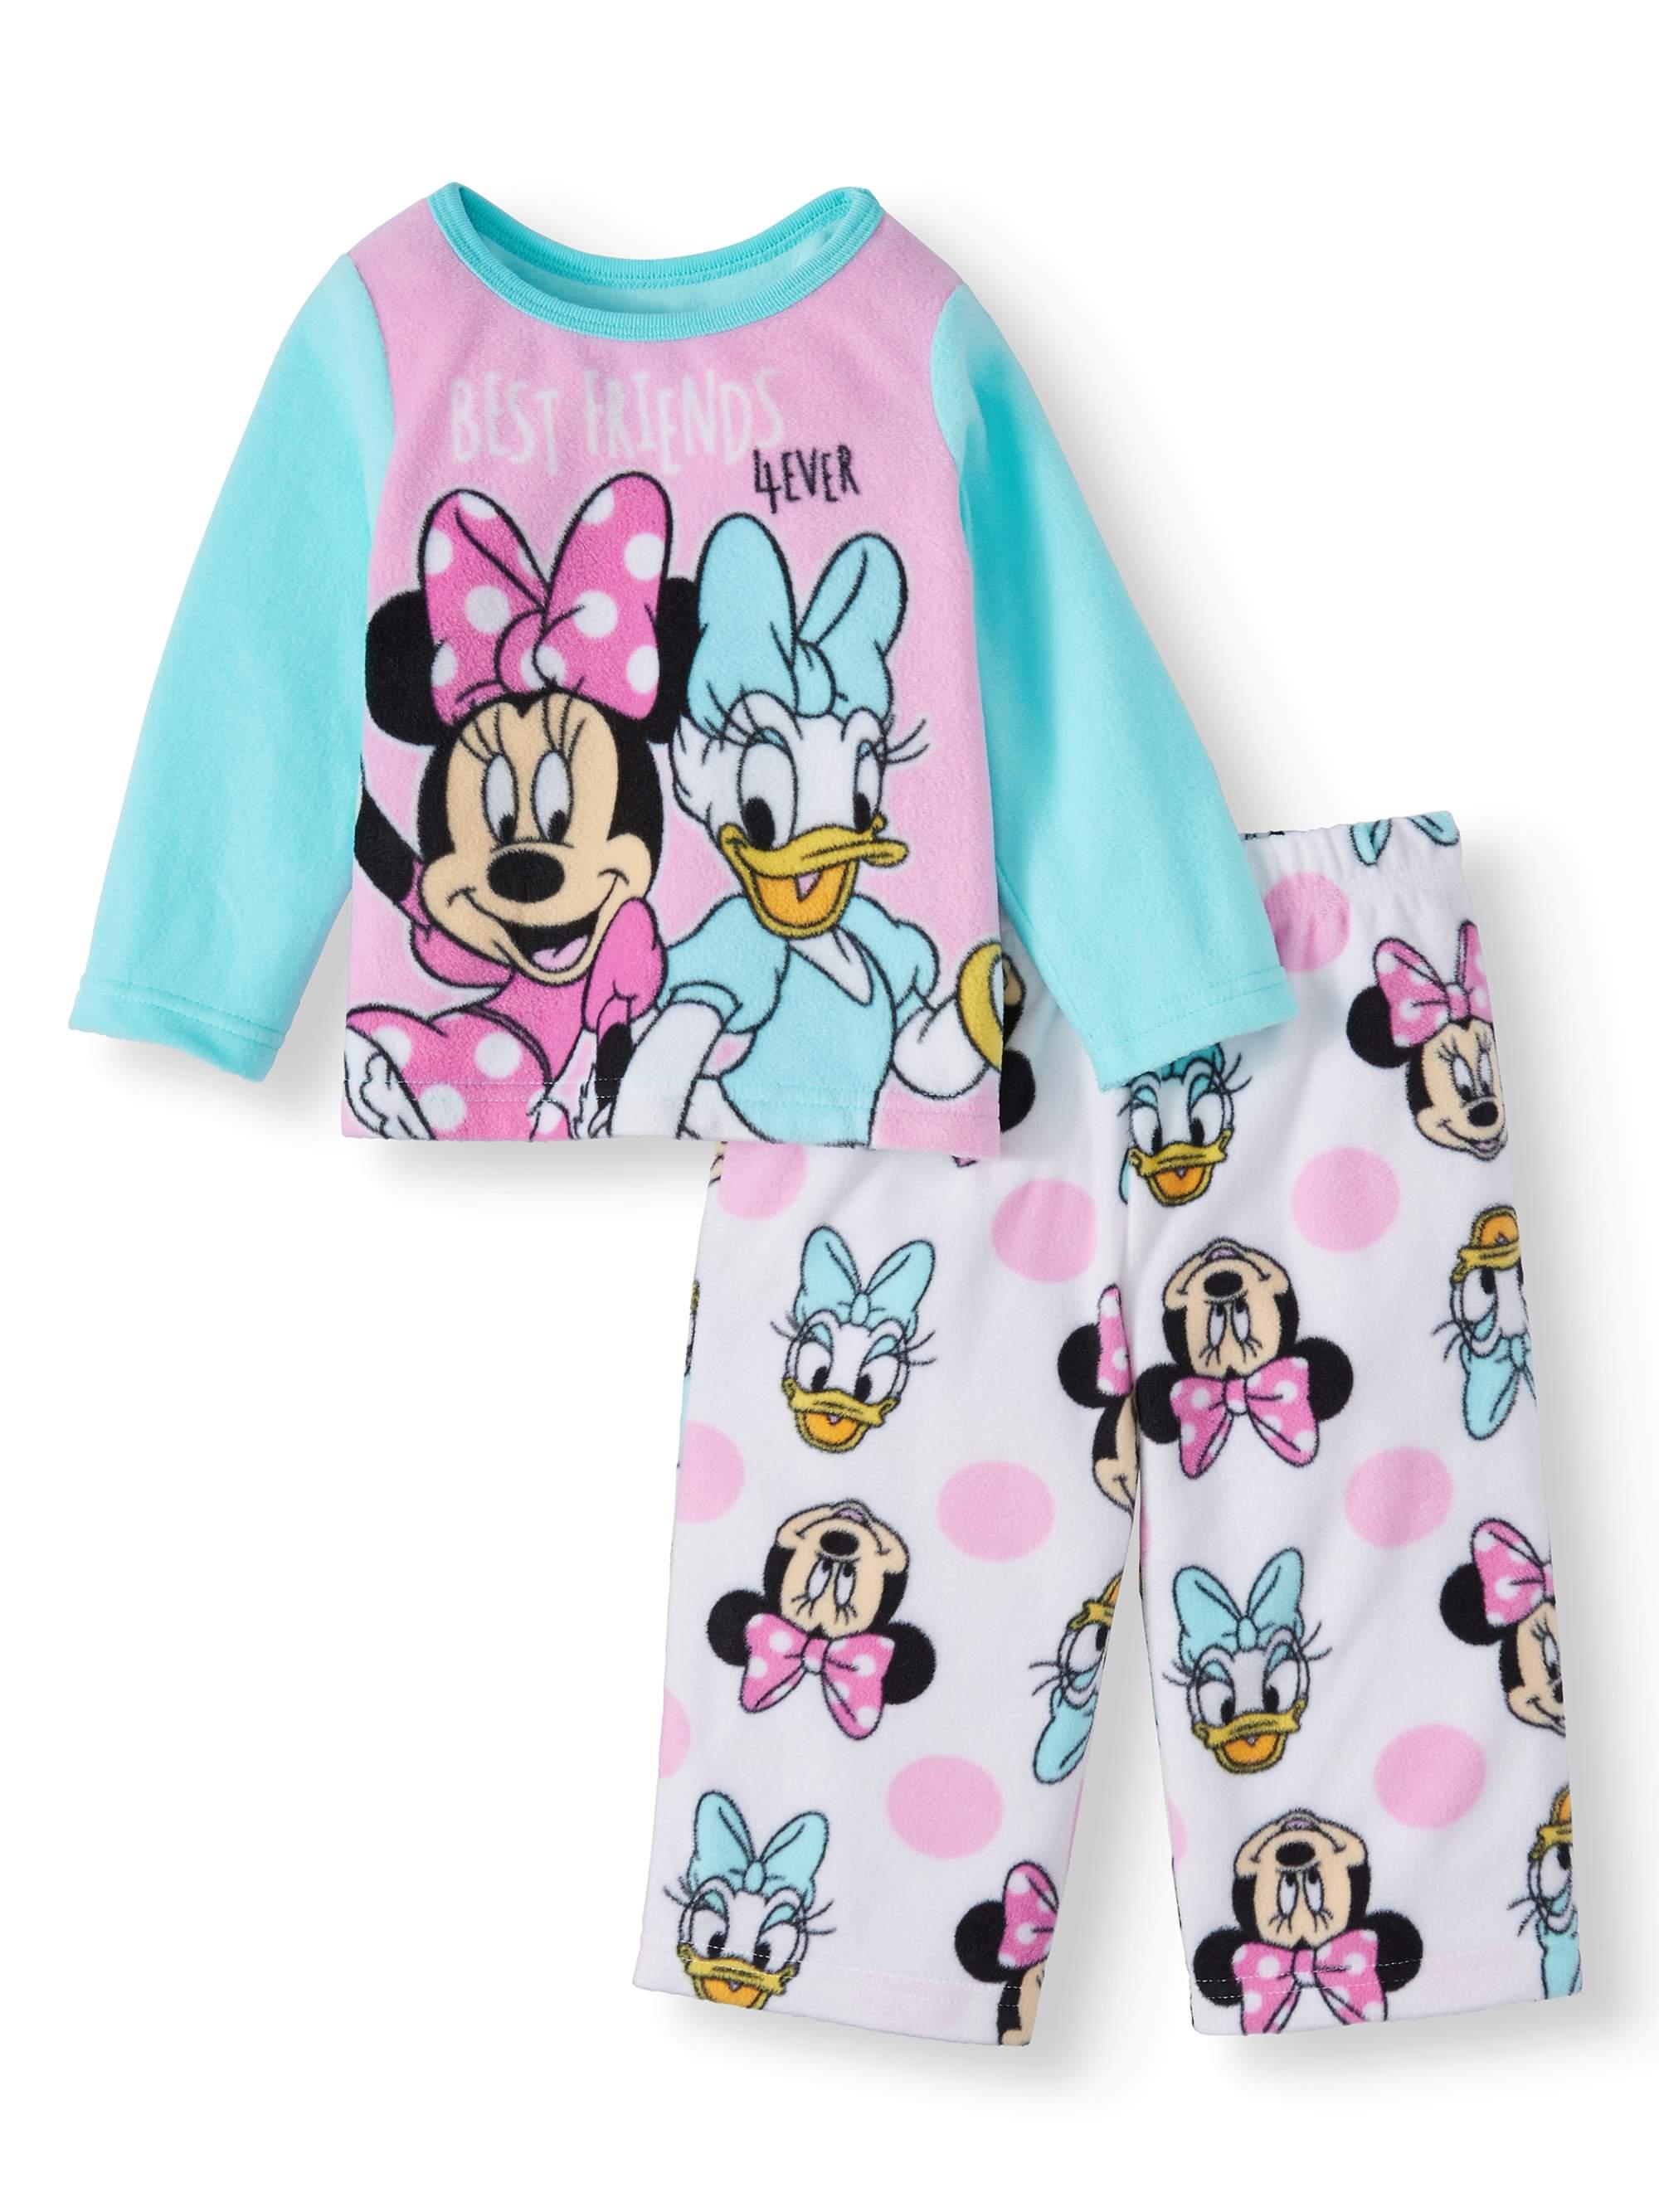 Seuss One Fish Two Fish Toddler Girls 2 piece Pants Pajamas Set K183951SE Dr